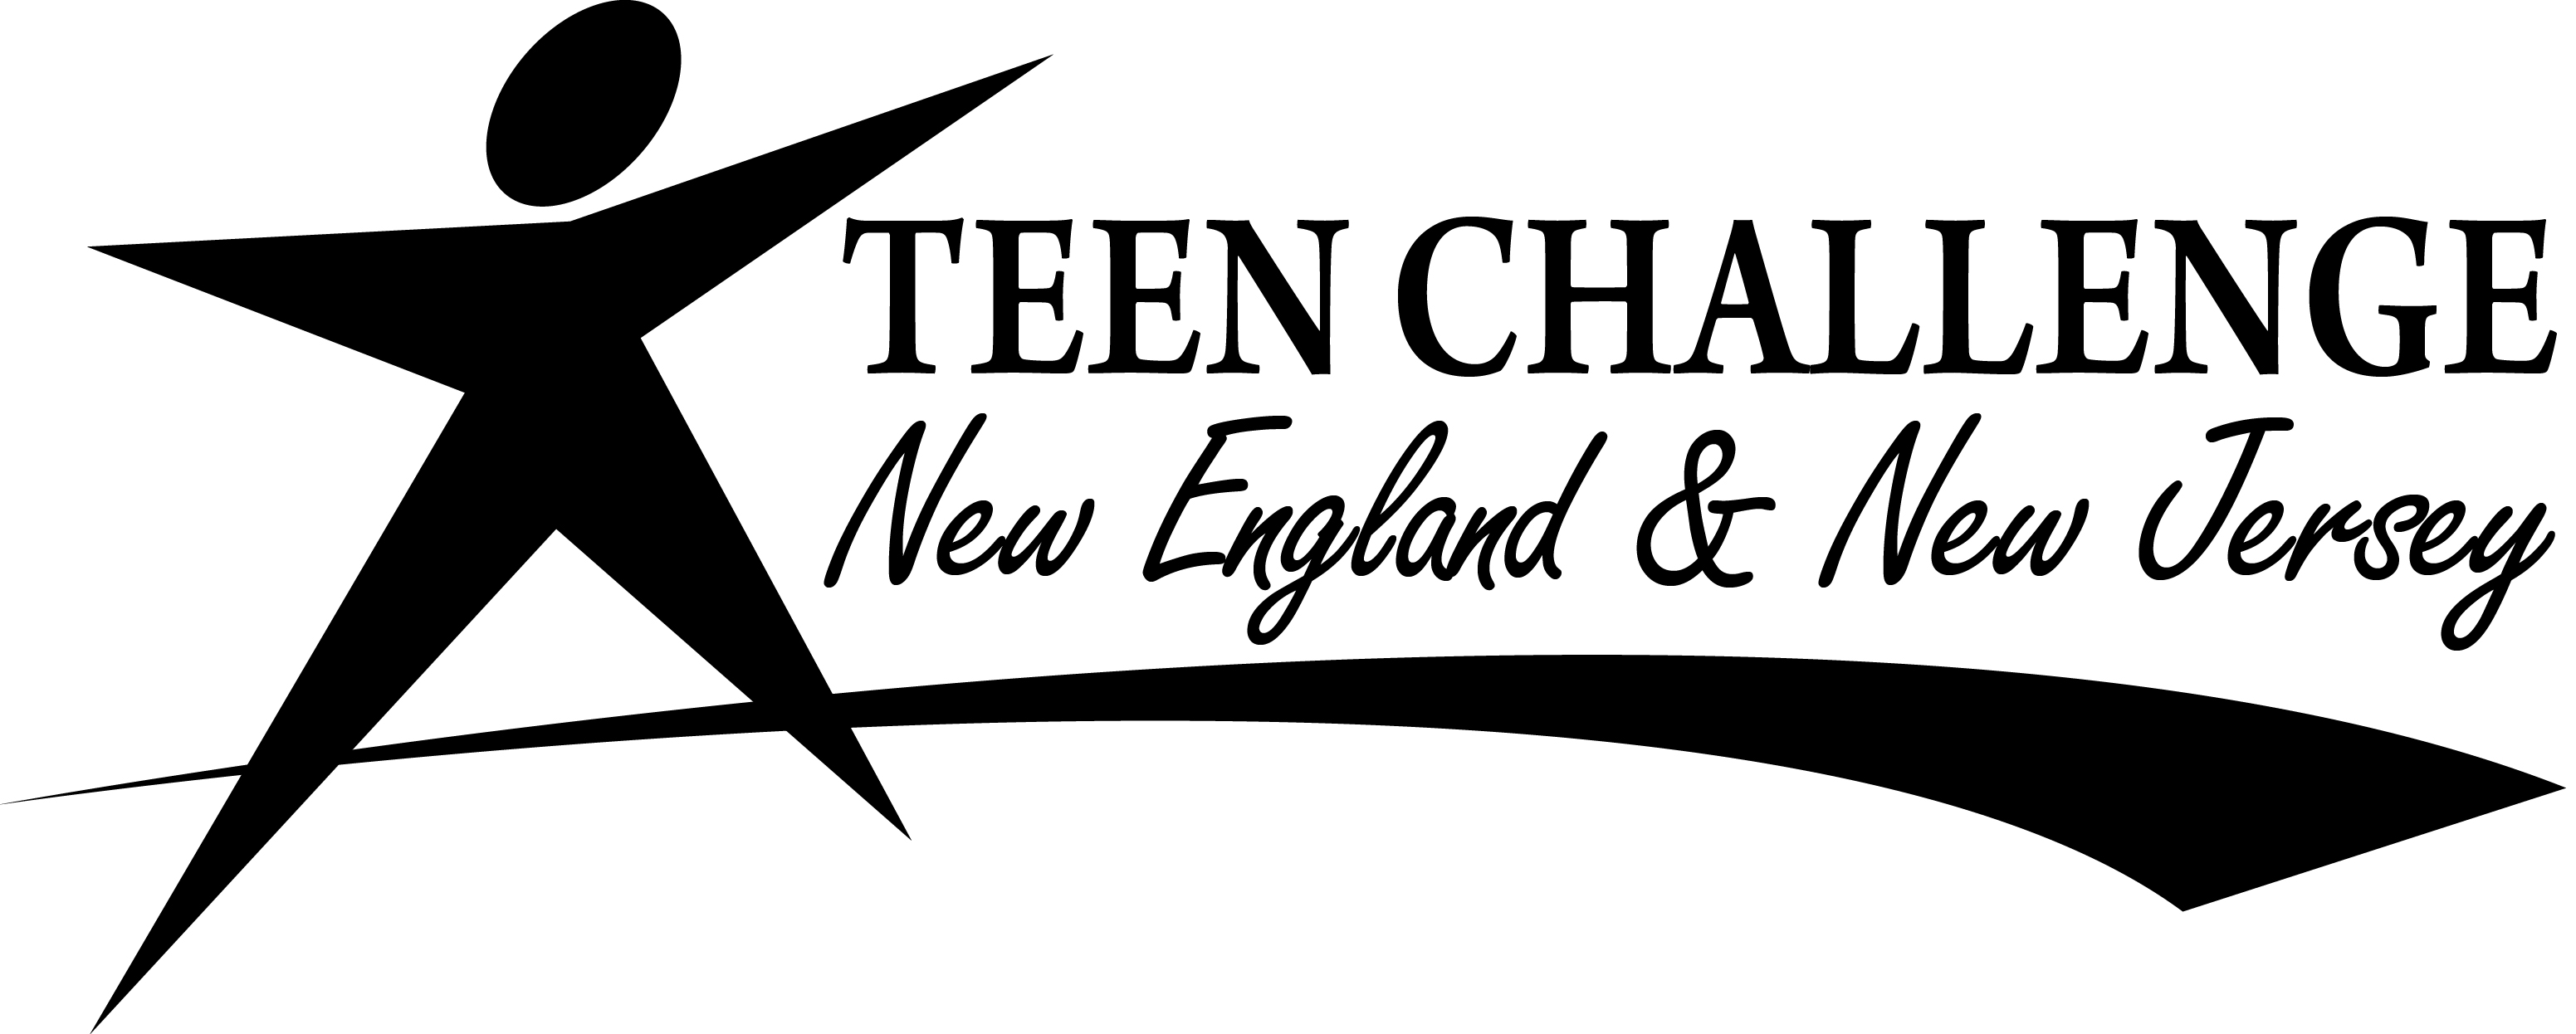 Teen Challenge New England